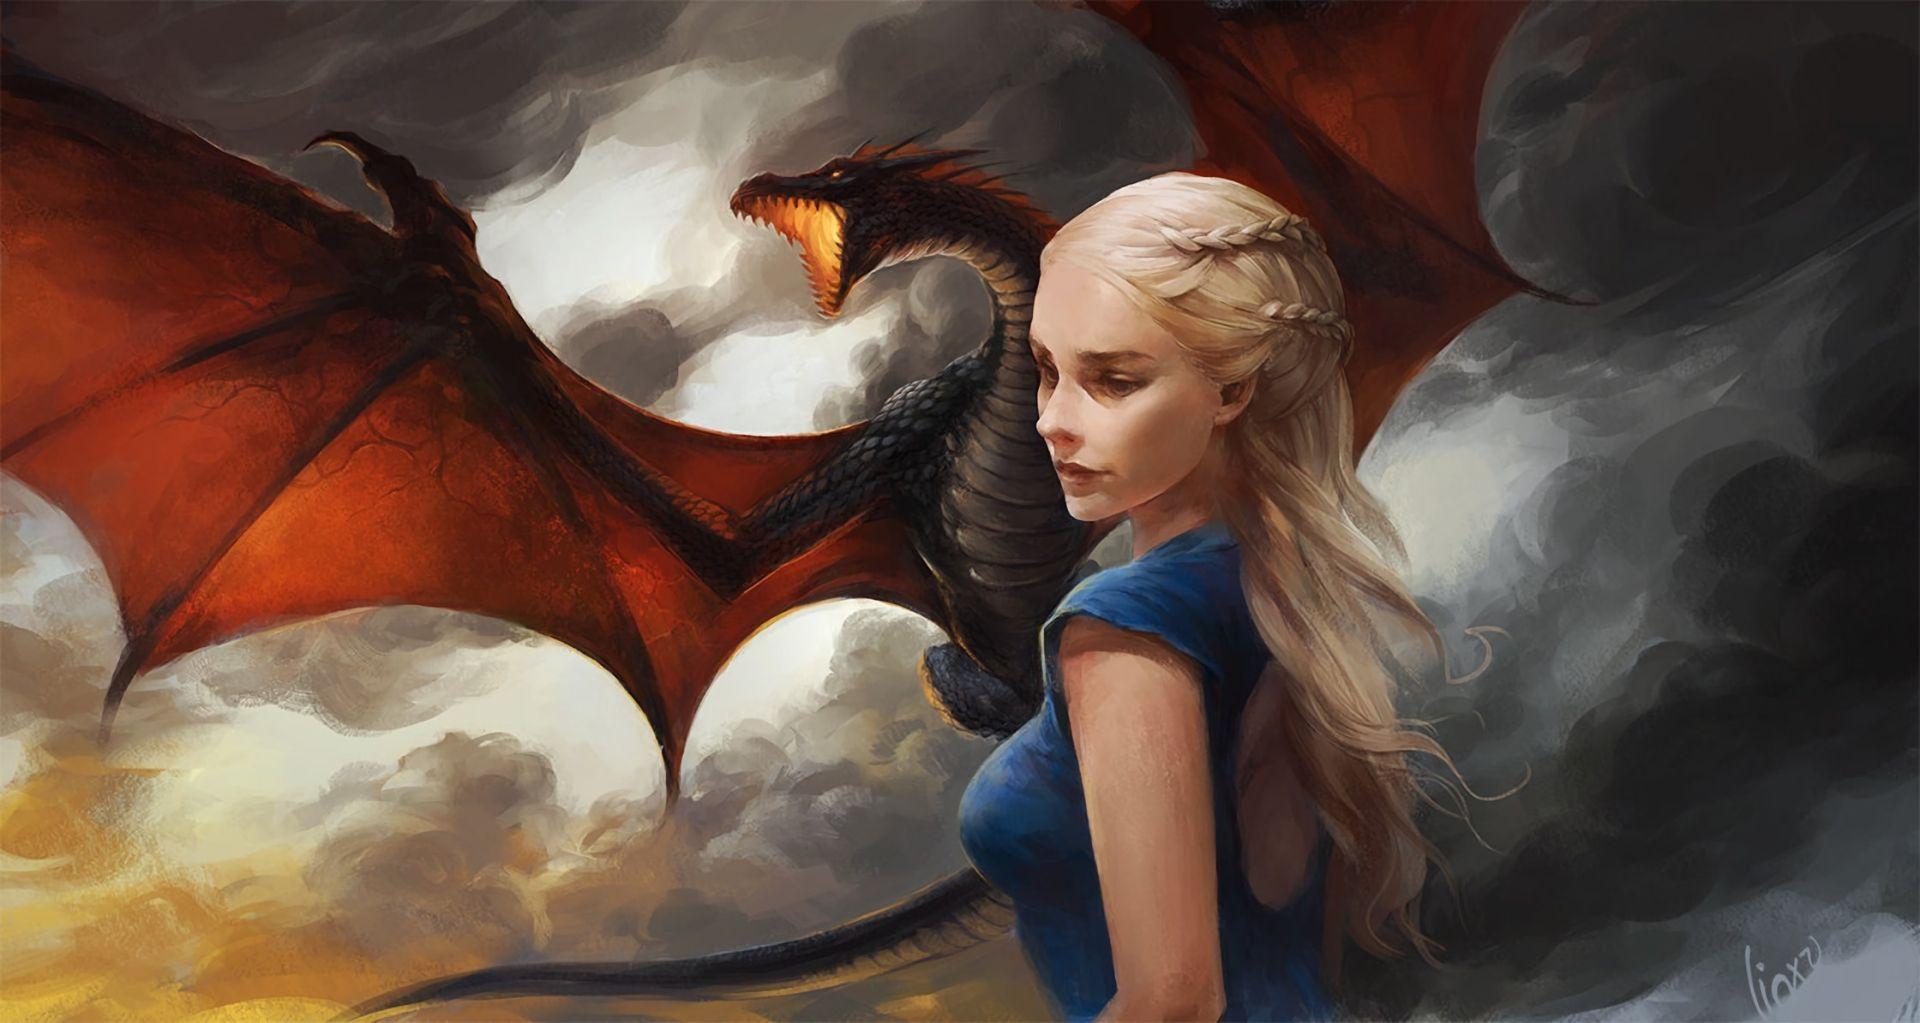 Game of Thrones Daenerys Targaryen dragon art